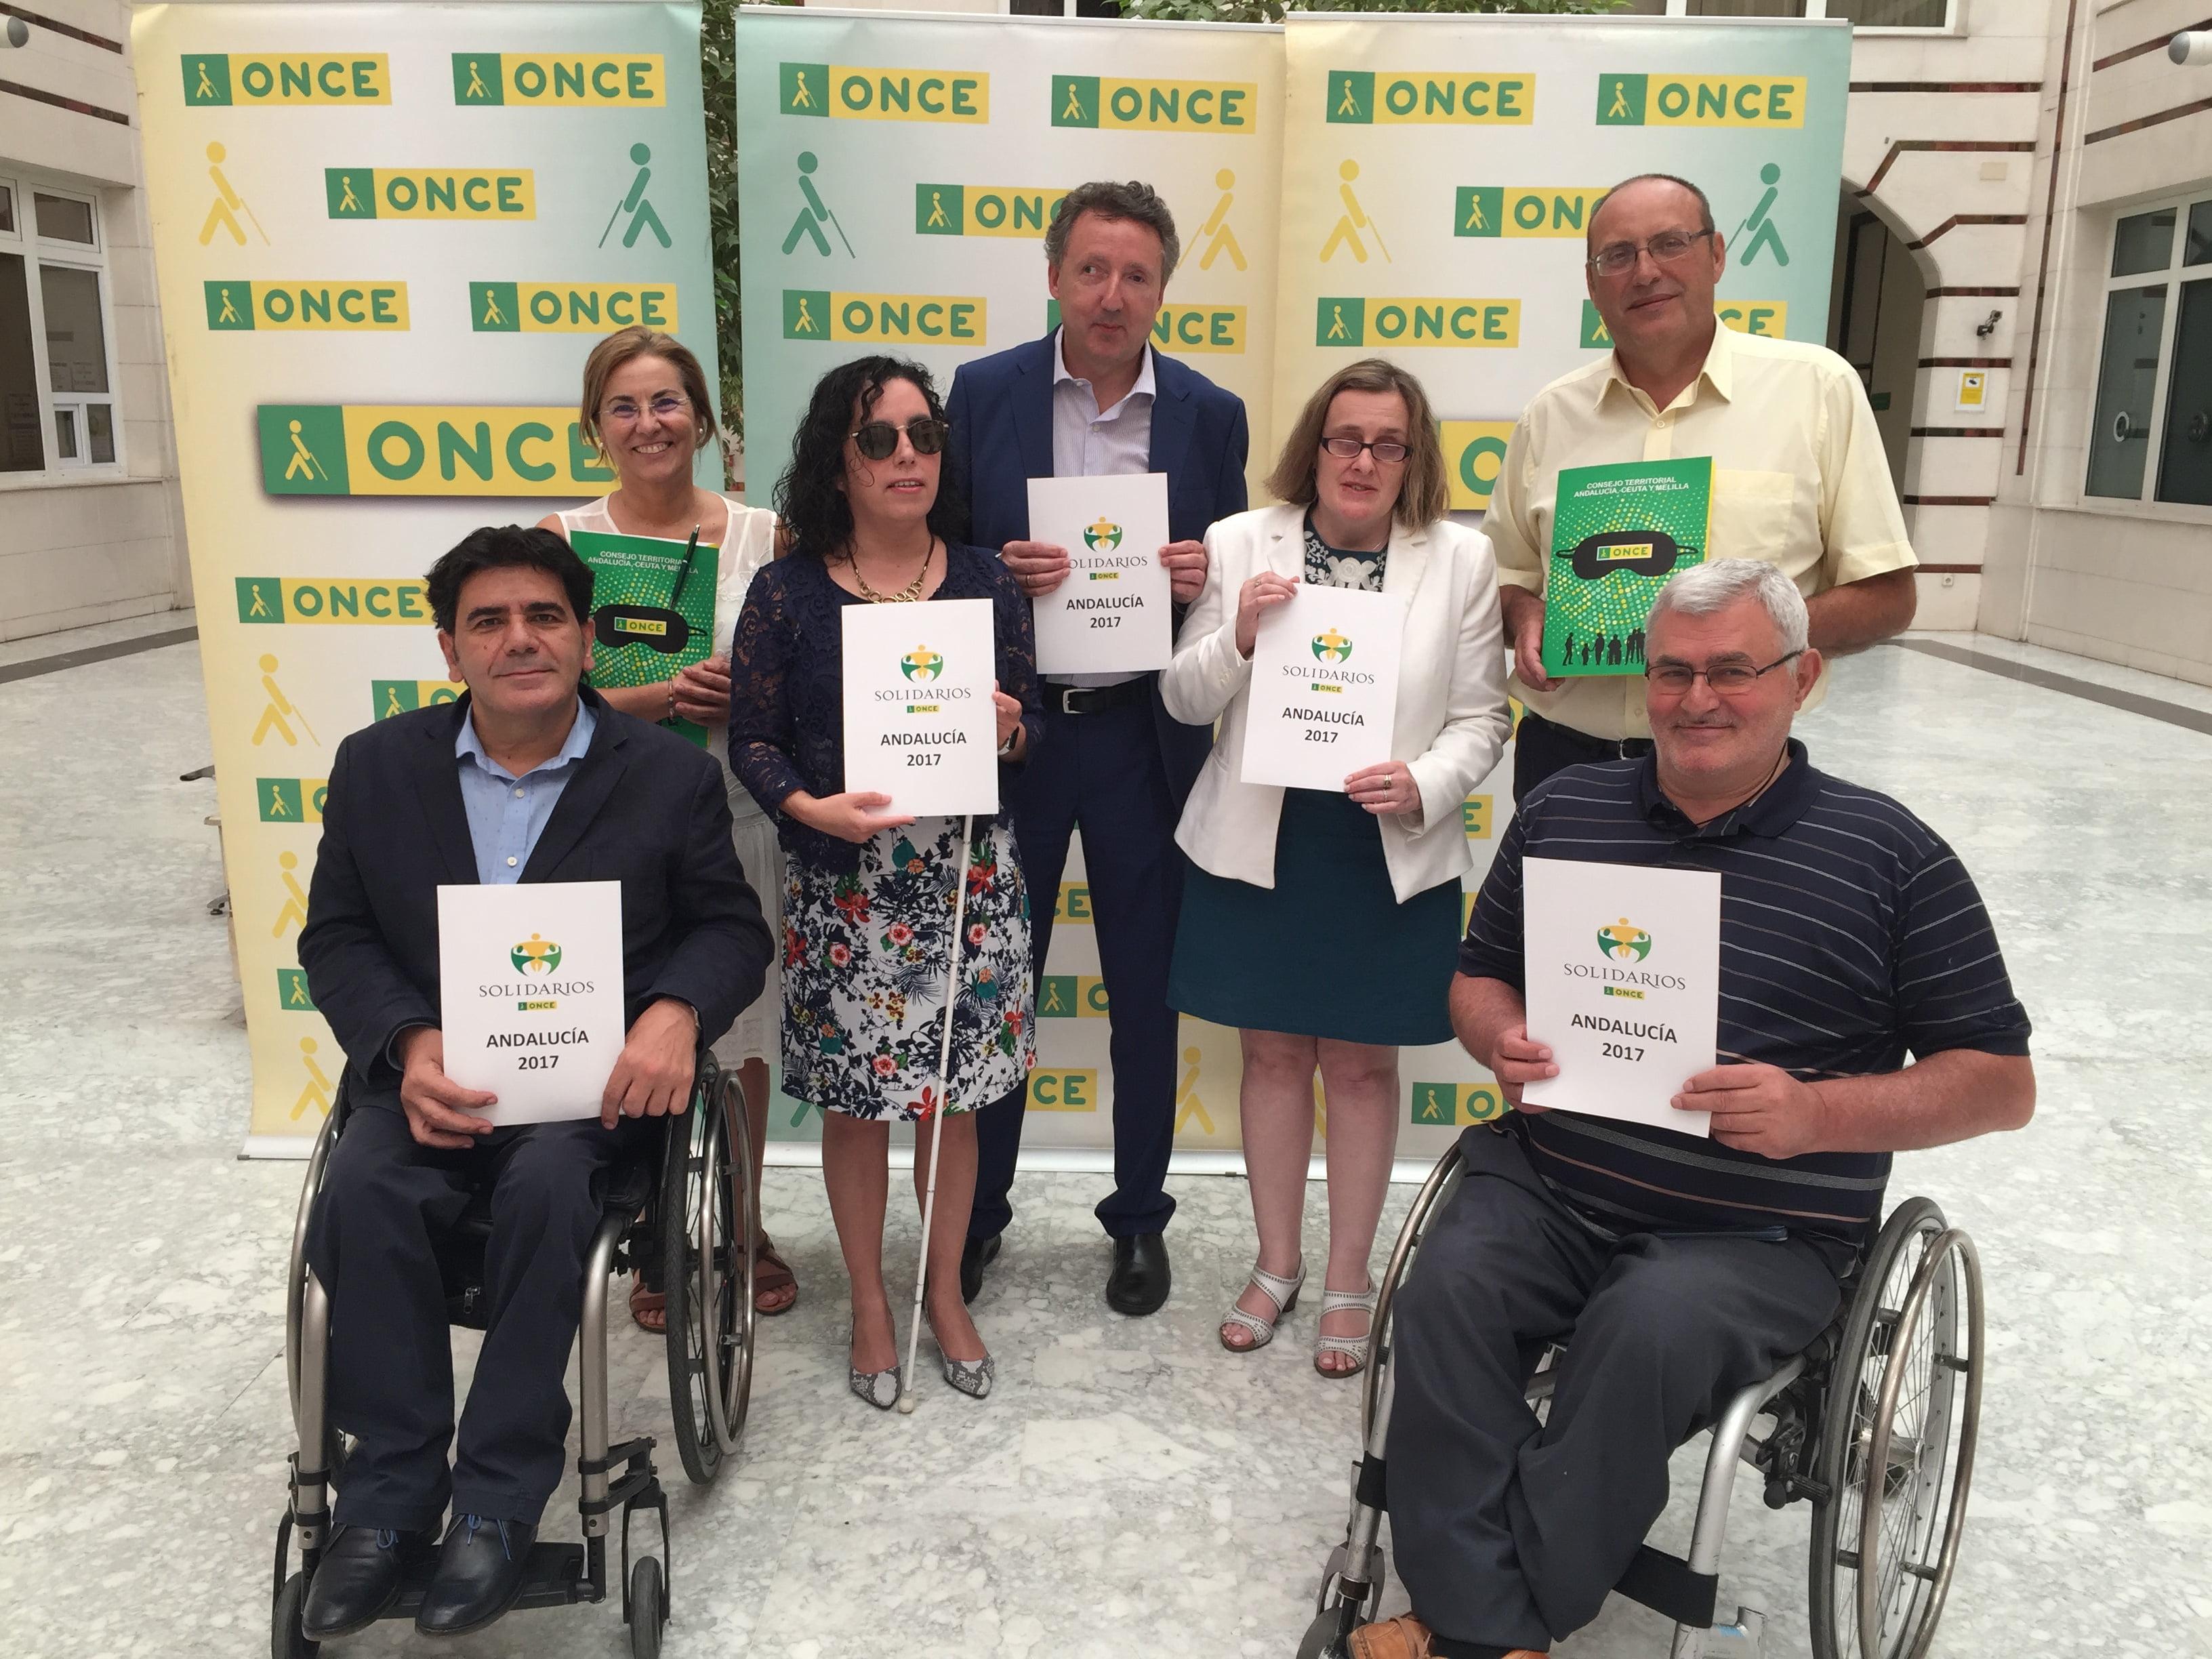 El jurado de estos prestigiosos premios de la ONCE